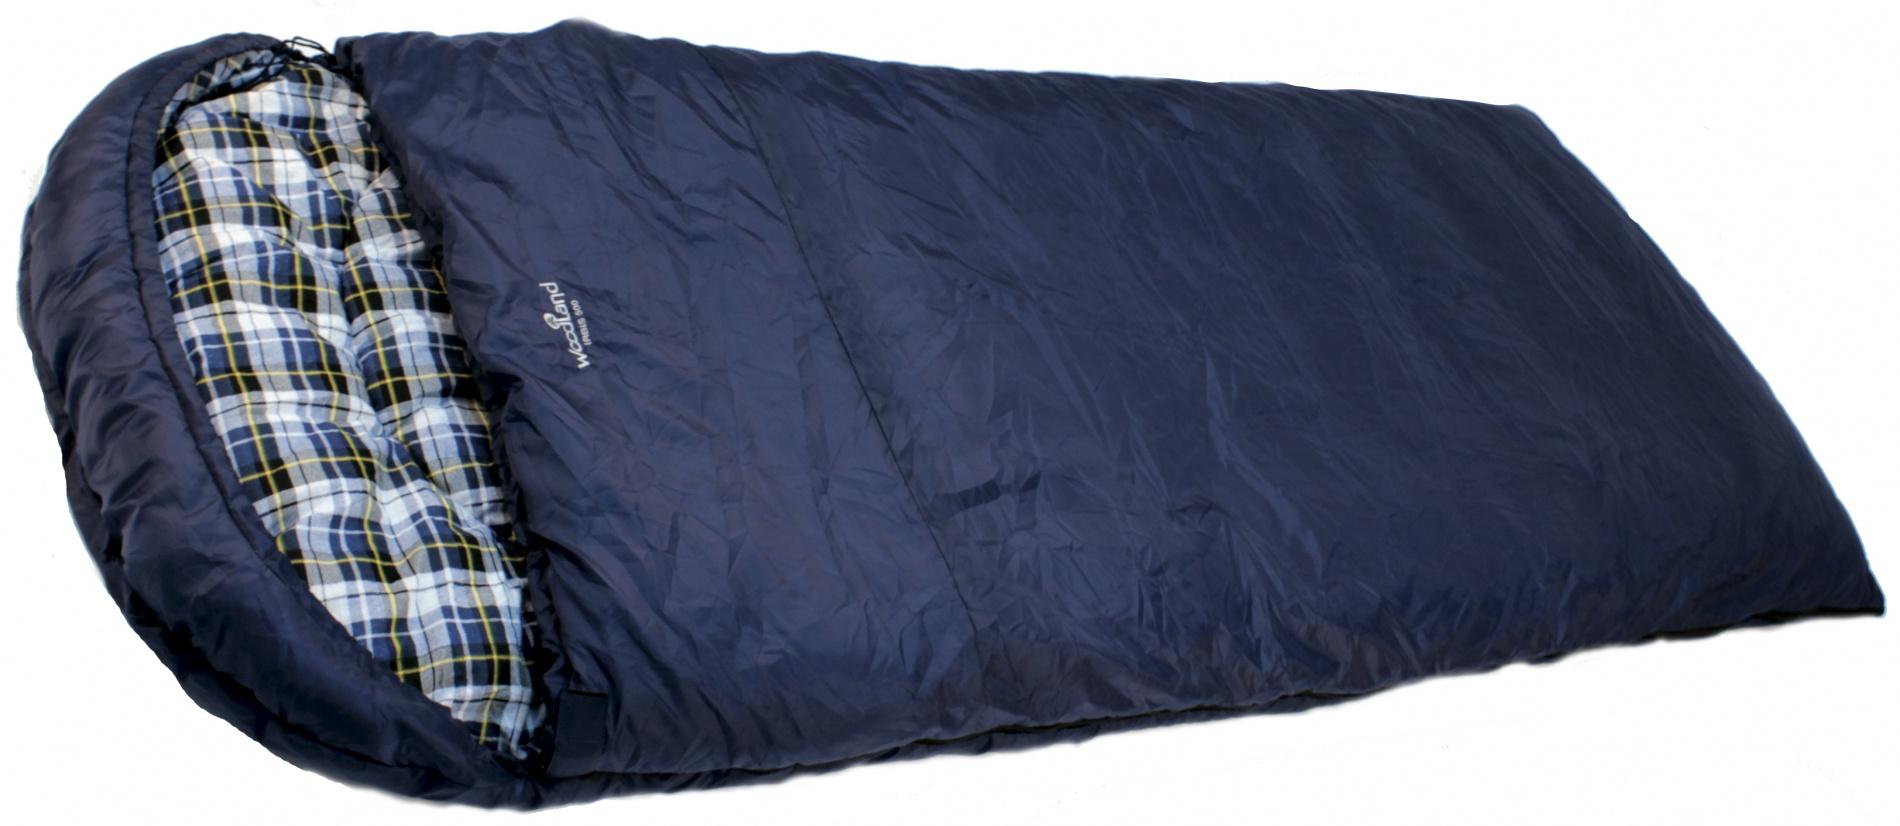 Спальный мешок Woodland IRBIS 400 R спальный мешок woodland berloga 400 r правосторонняя молния цвет хаки